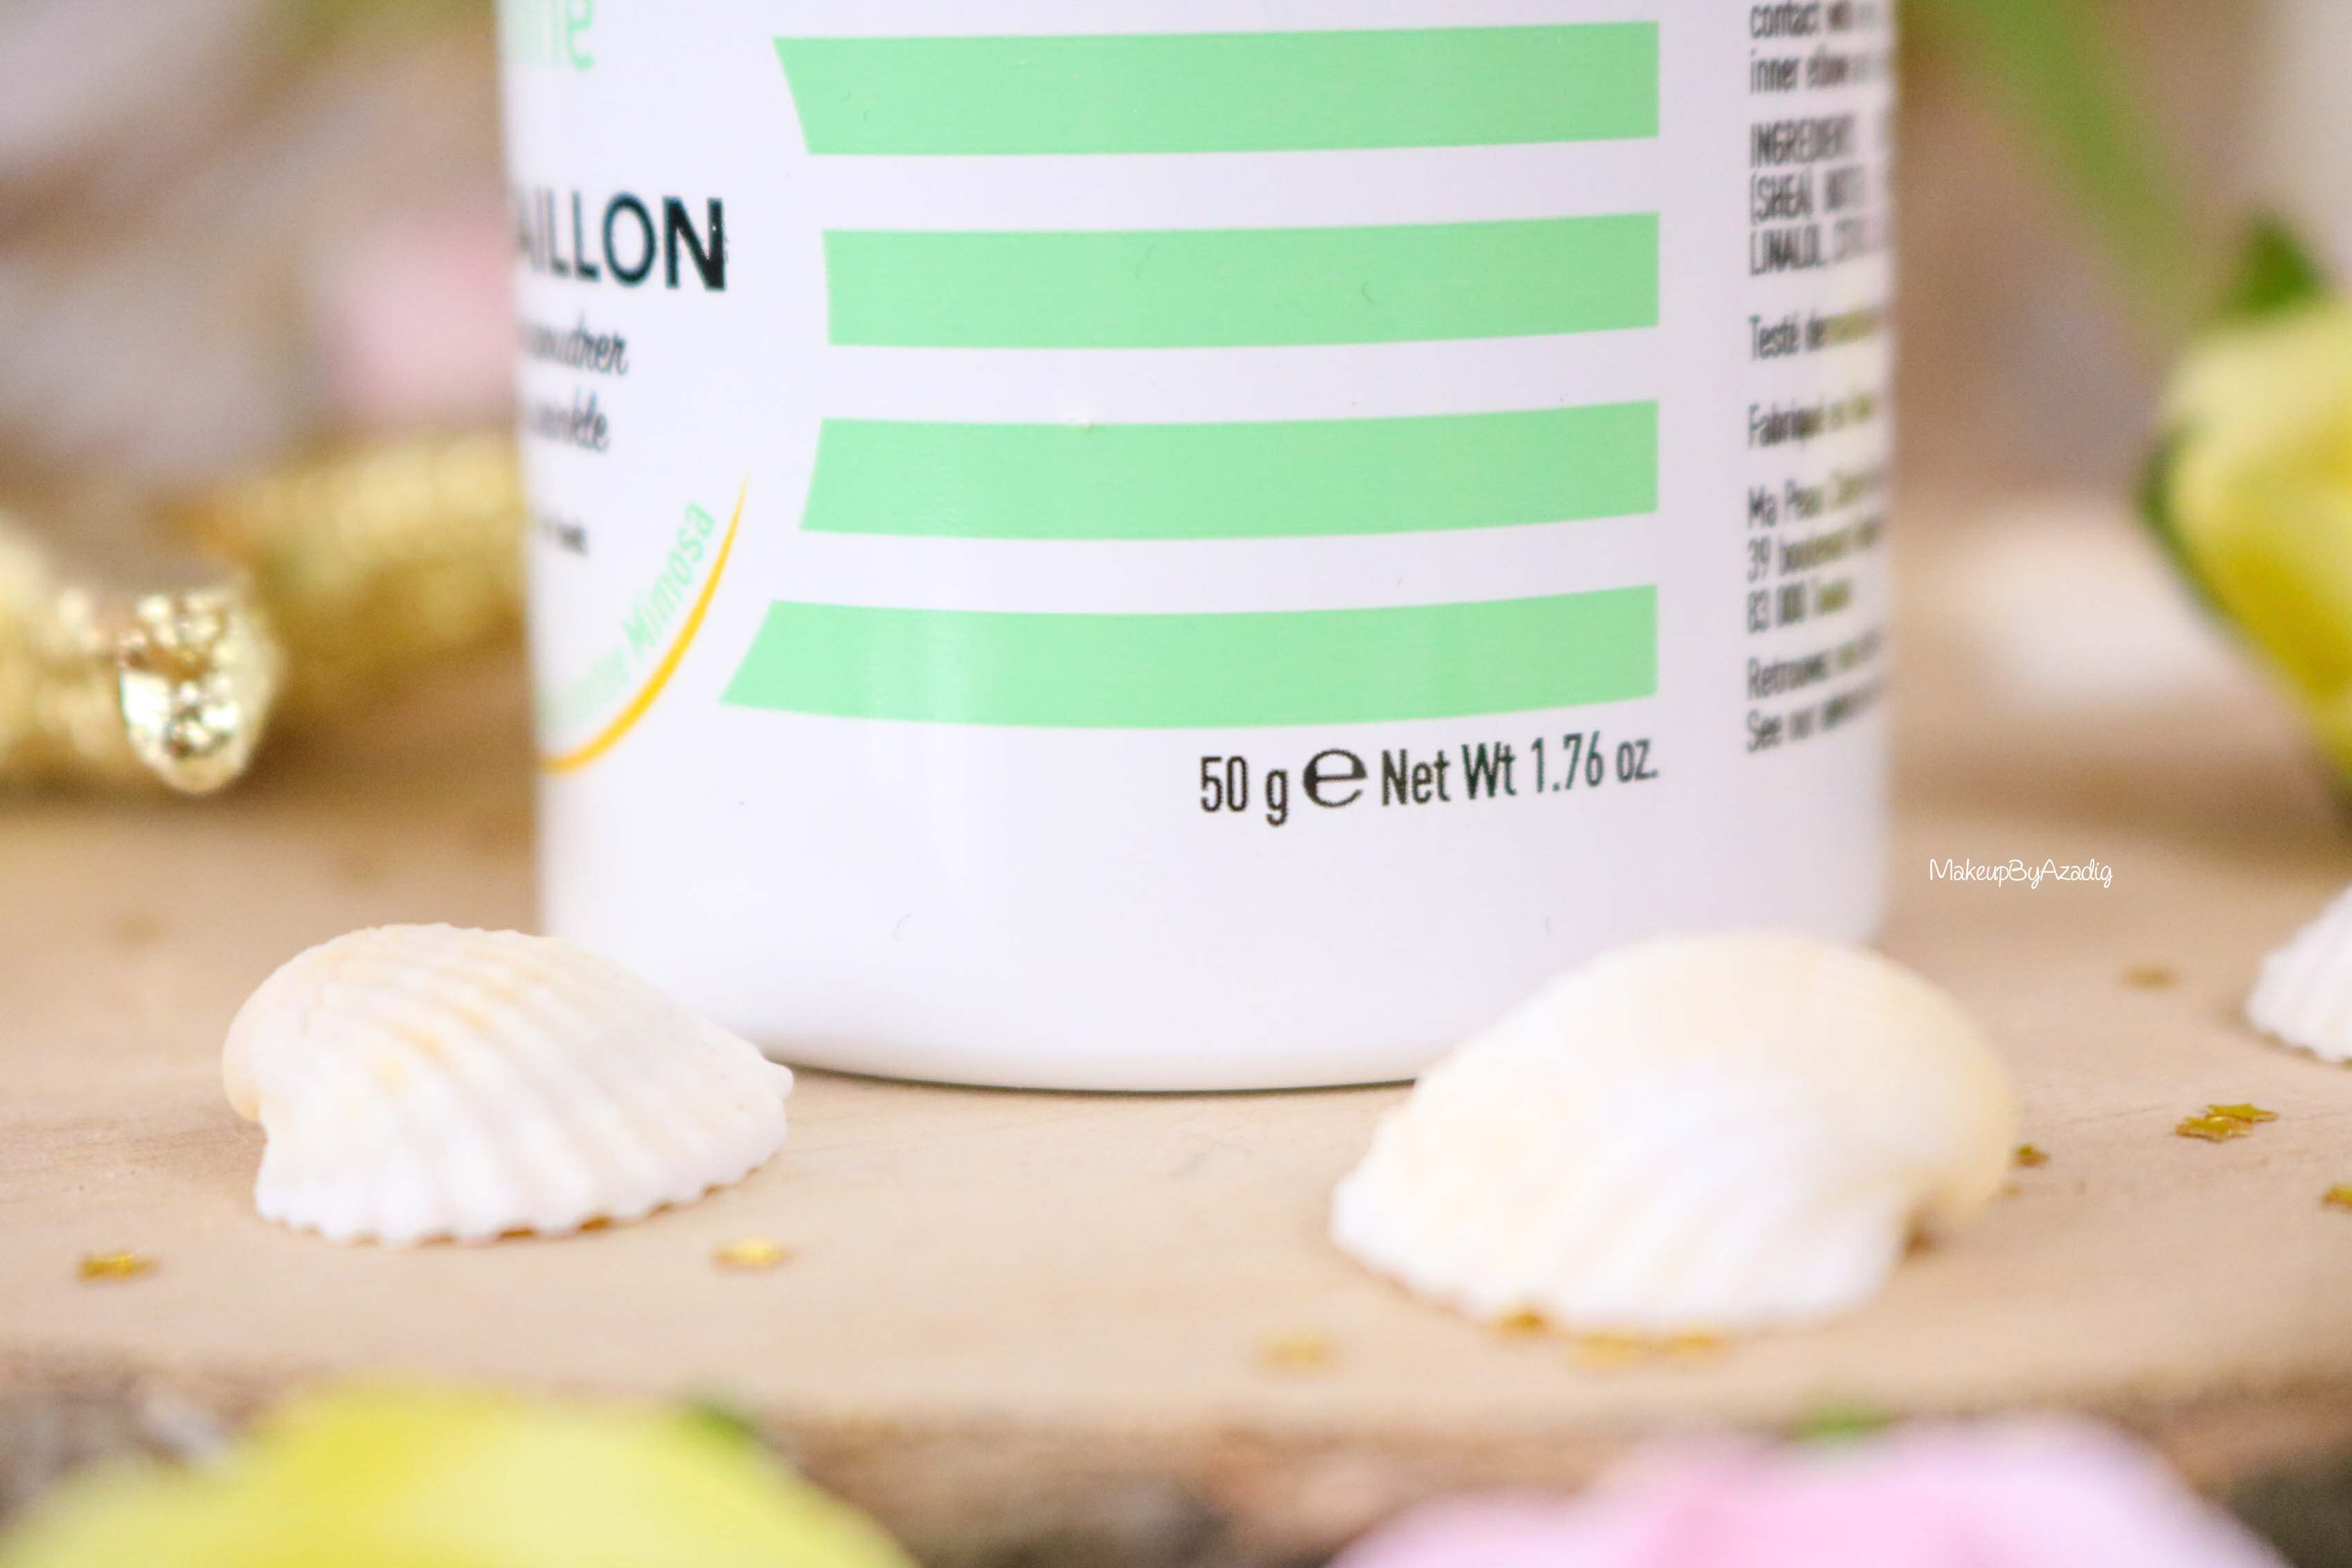 savon-saupoudrer-famille-enfant-moussaillon-indemne-avis-prix-makeupbyazadig-limitee-mimosa-provence-toulouse-quantite